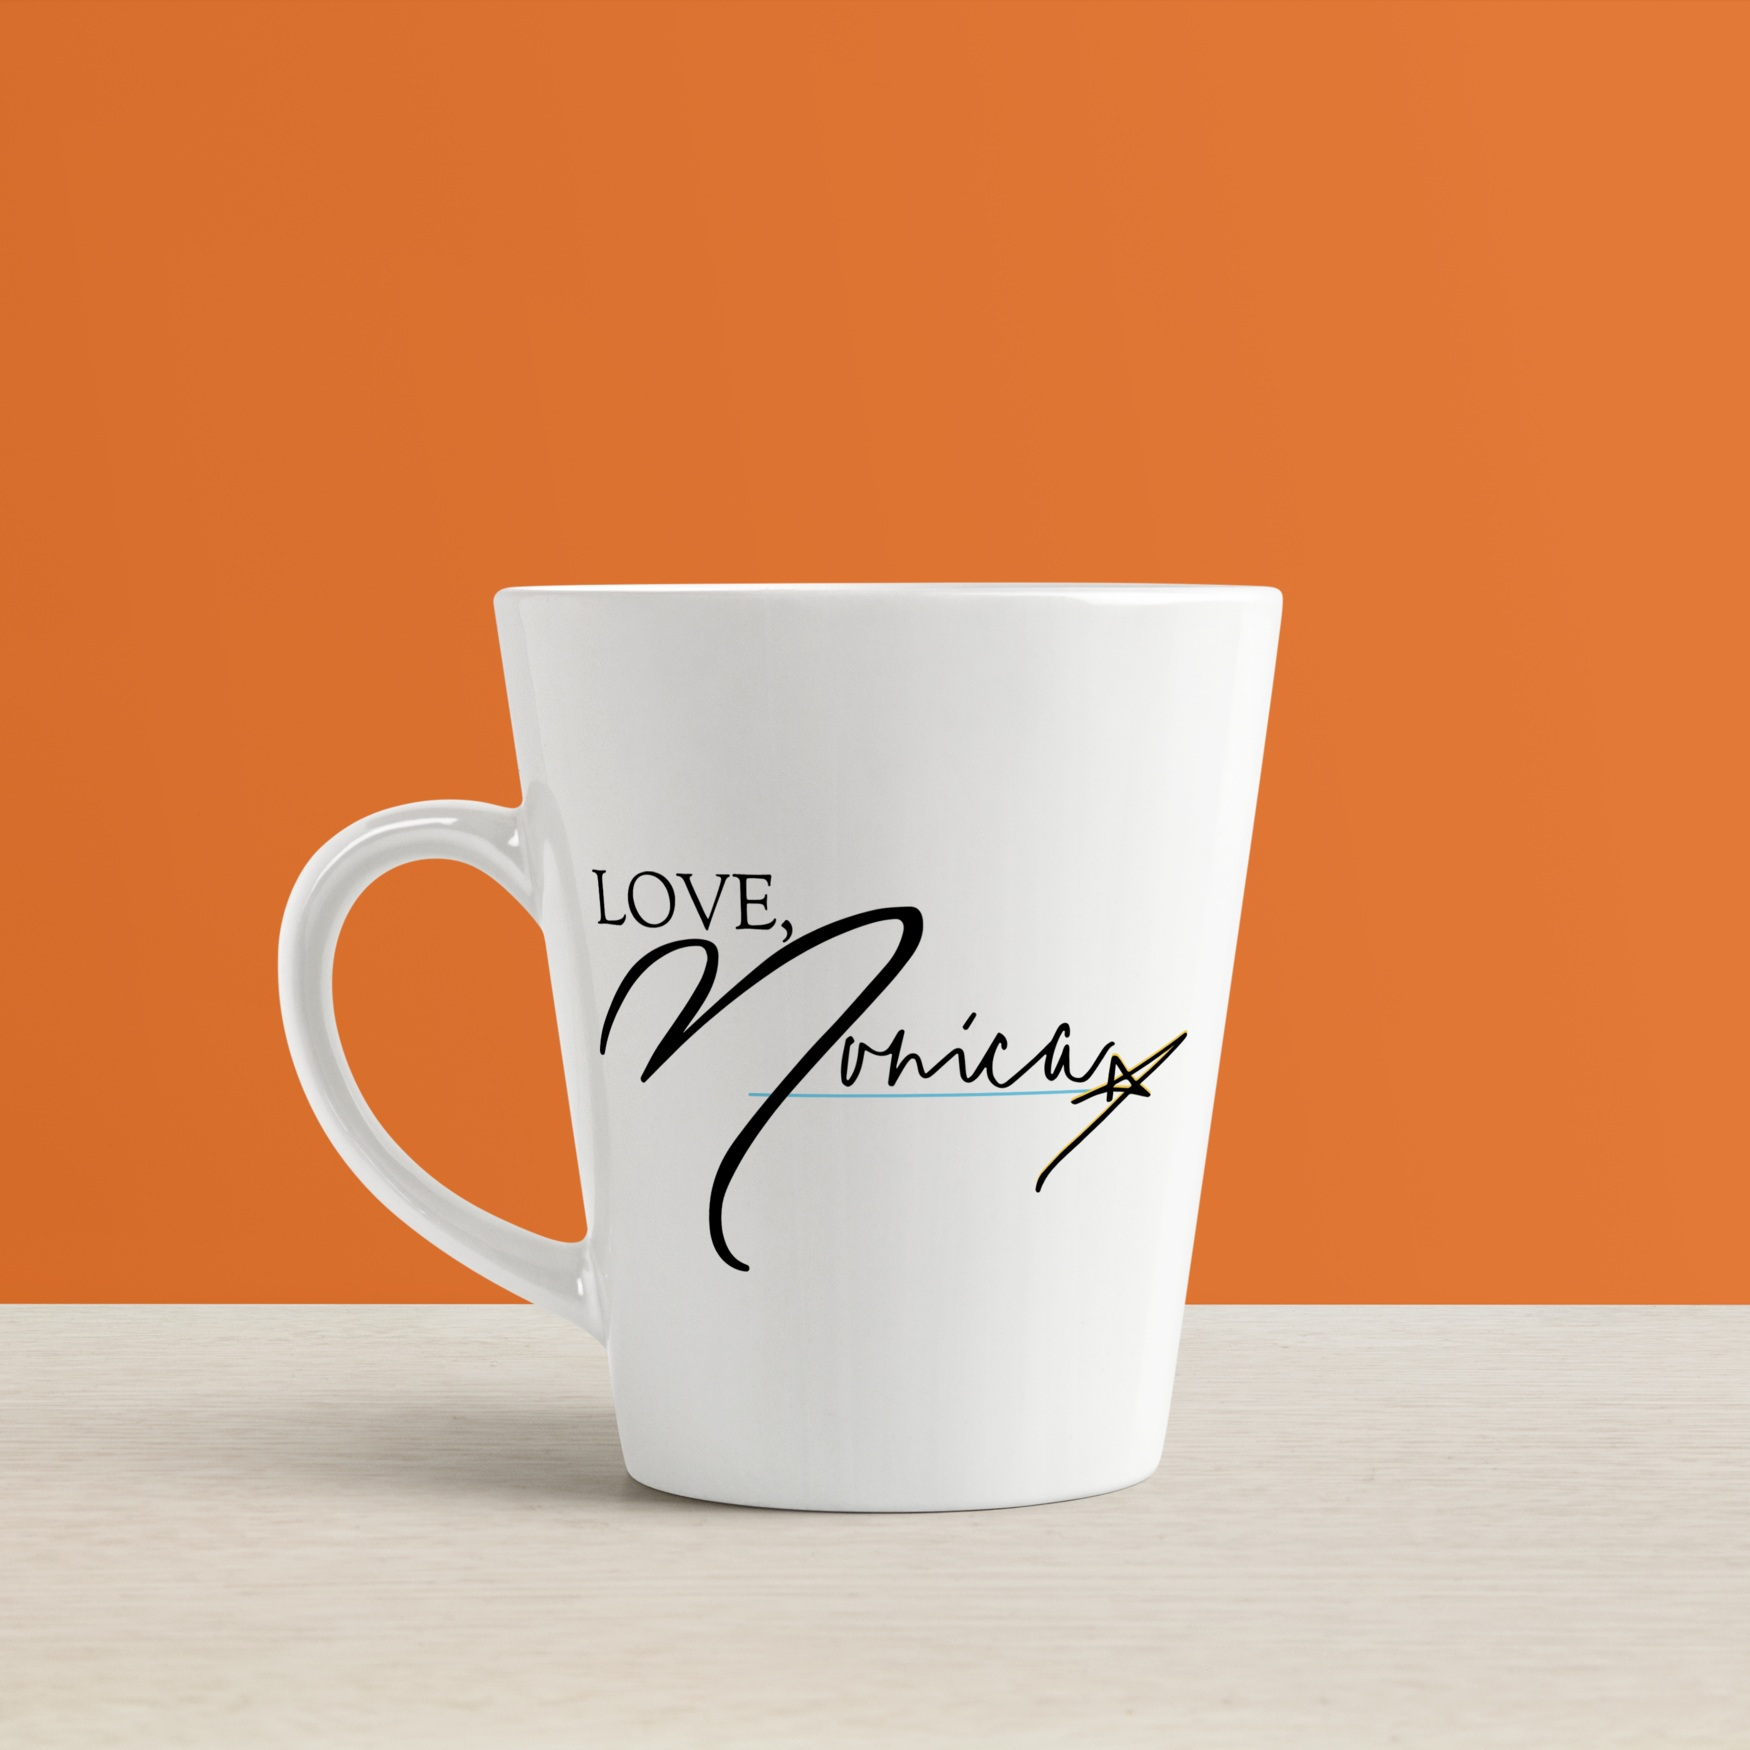 Mug+PSD+MockUp+3.jpg